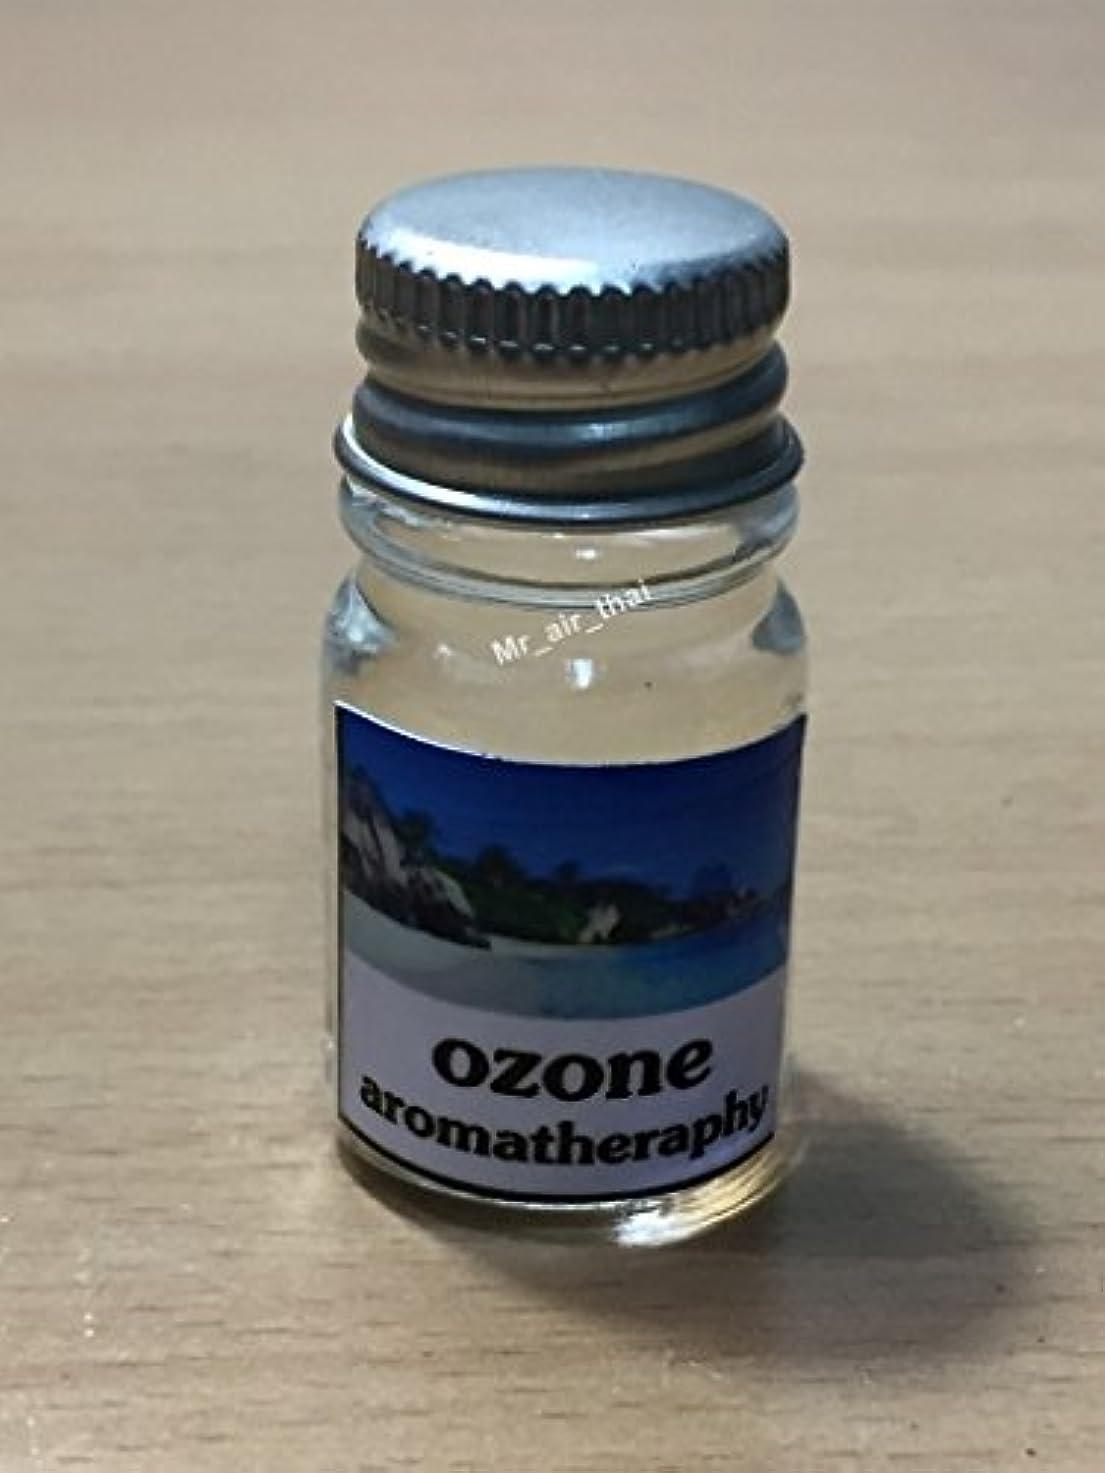 知らせる令状意外5ミリリットルアロマオゾンフランクインセンスエッセンシャルオイルボトルアロマテラピーオイル自然自然5ml Aroma Ozone Frankincense Essential Oil Bottles Aromatherapy...